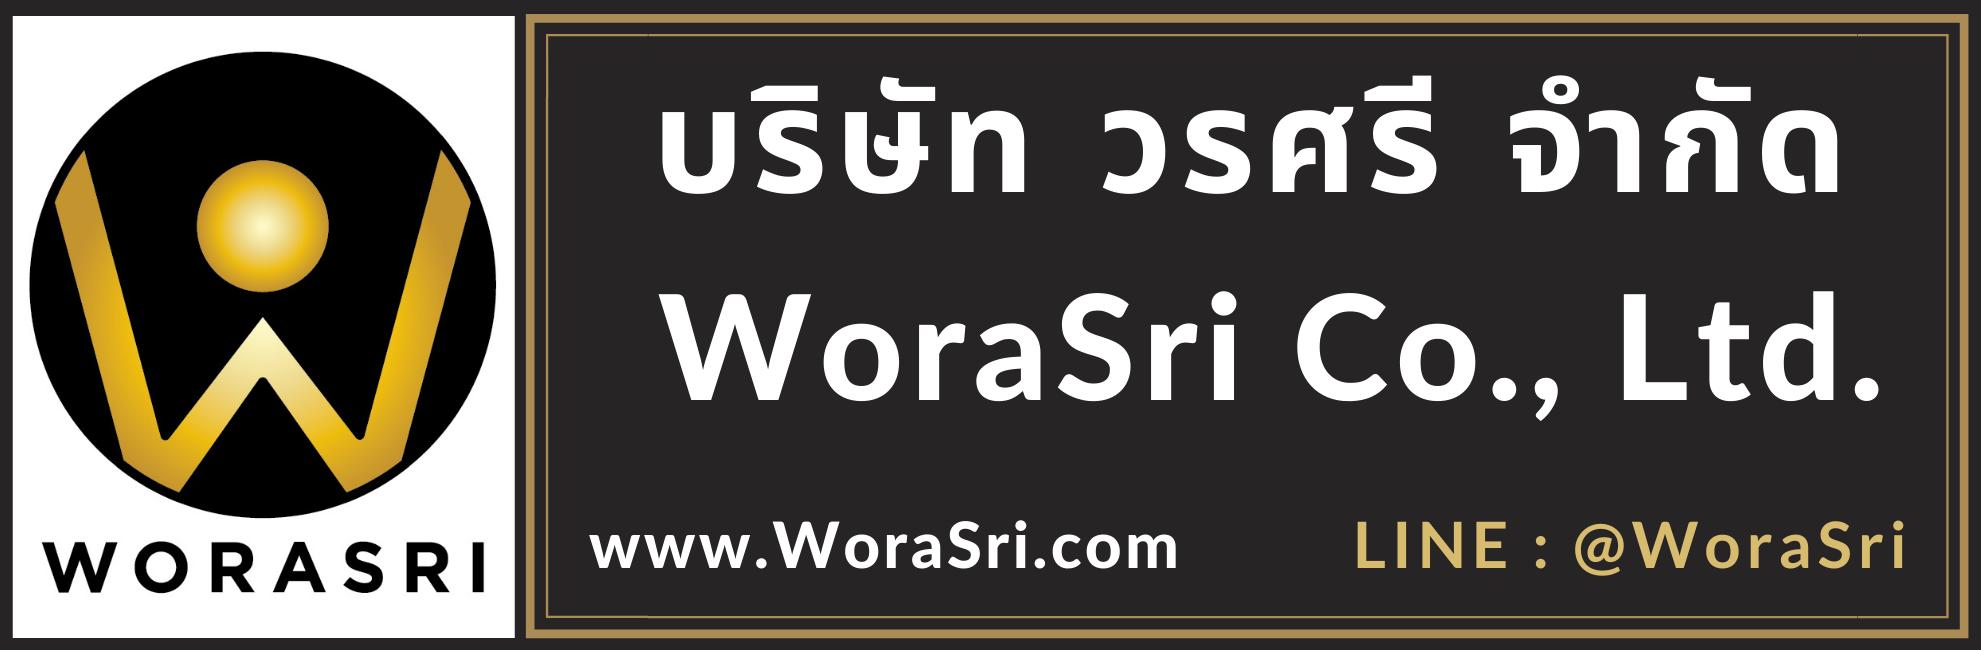 worasri.com